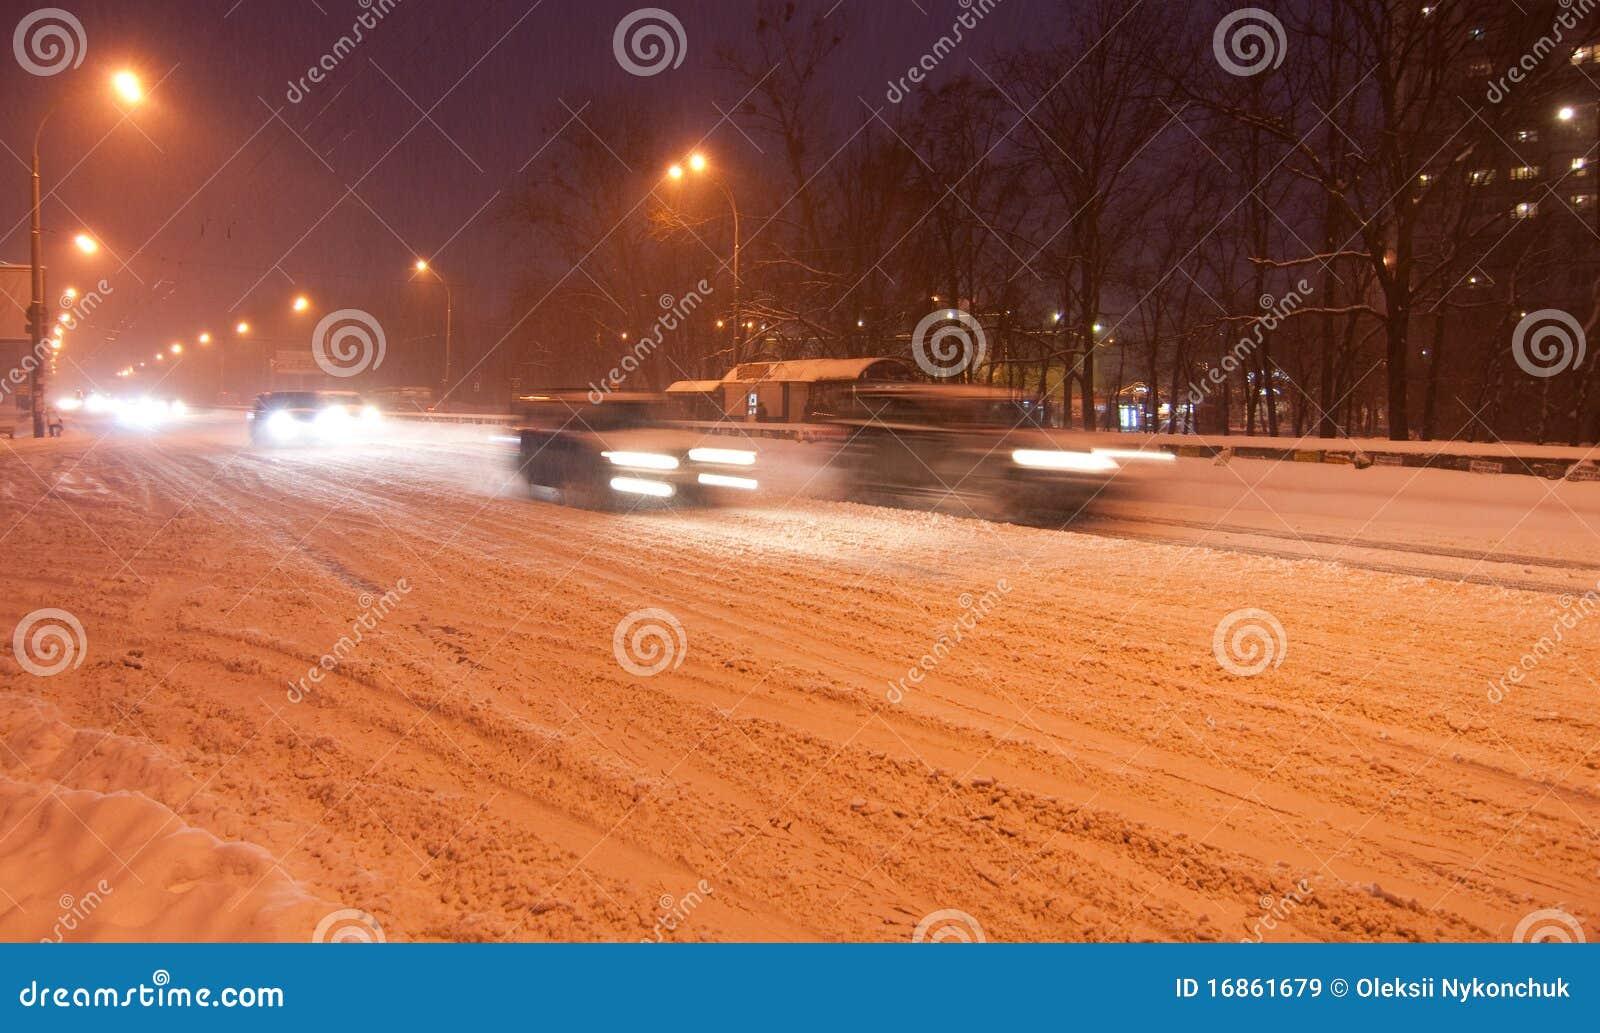 Tráfego da noite de Kiyv em uma tempestade de neve